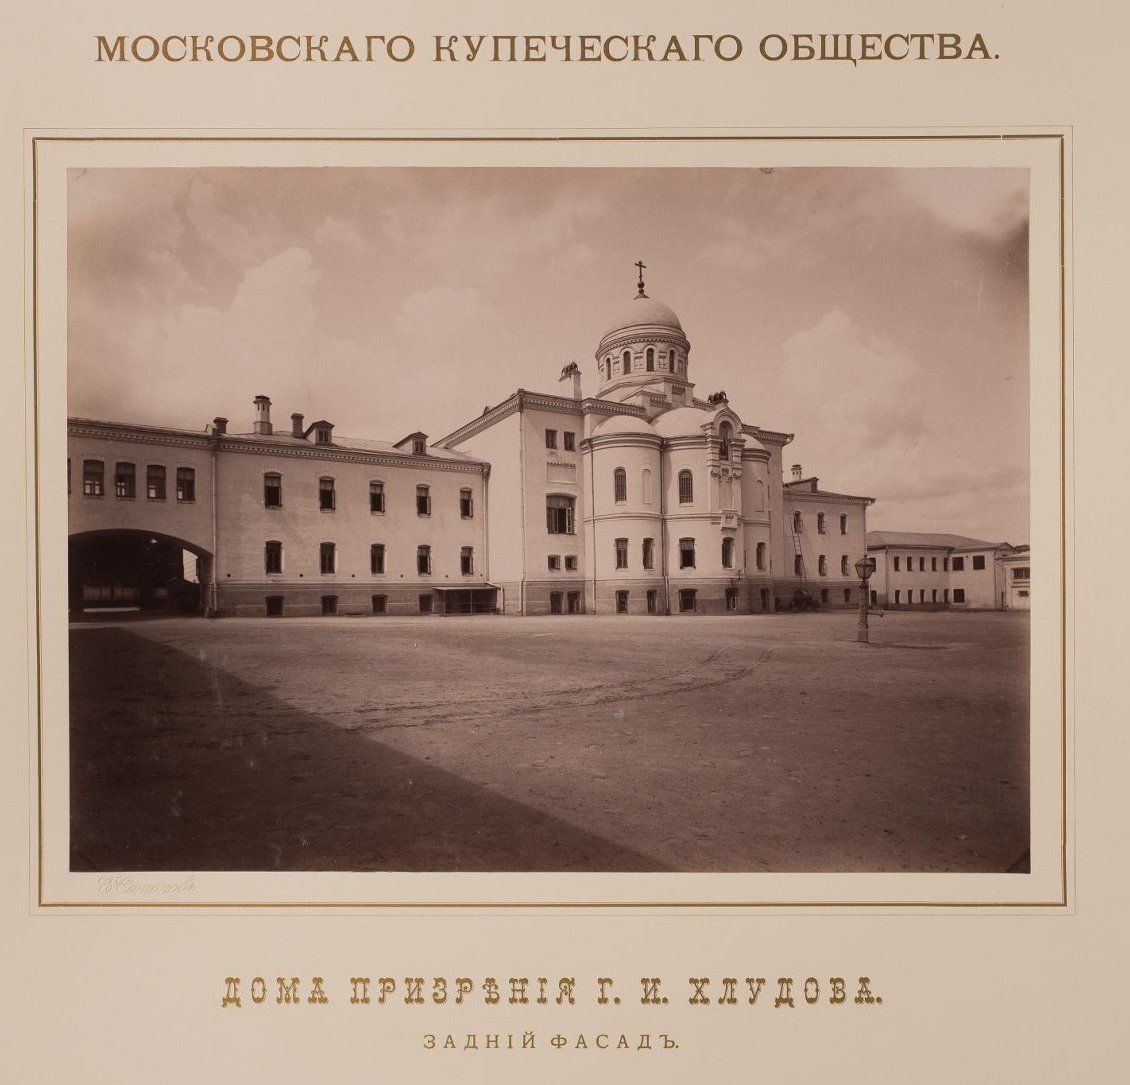 18. Дом призрения Г.И. Хлудова. Задний фасад